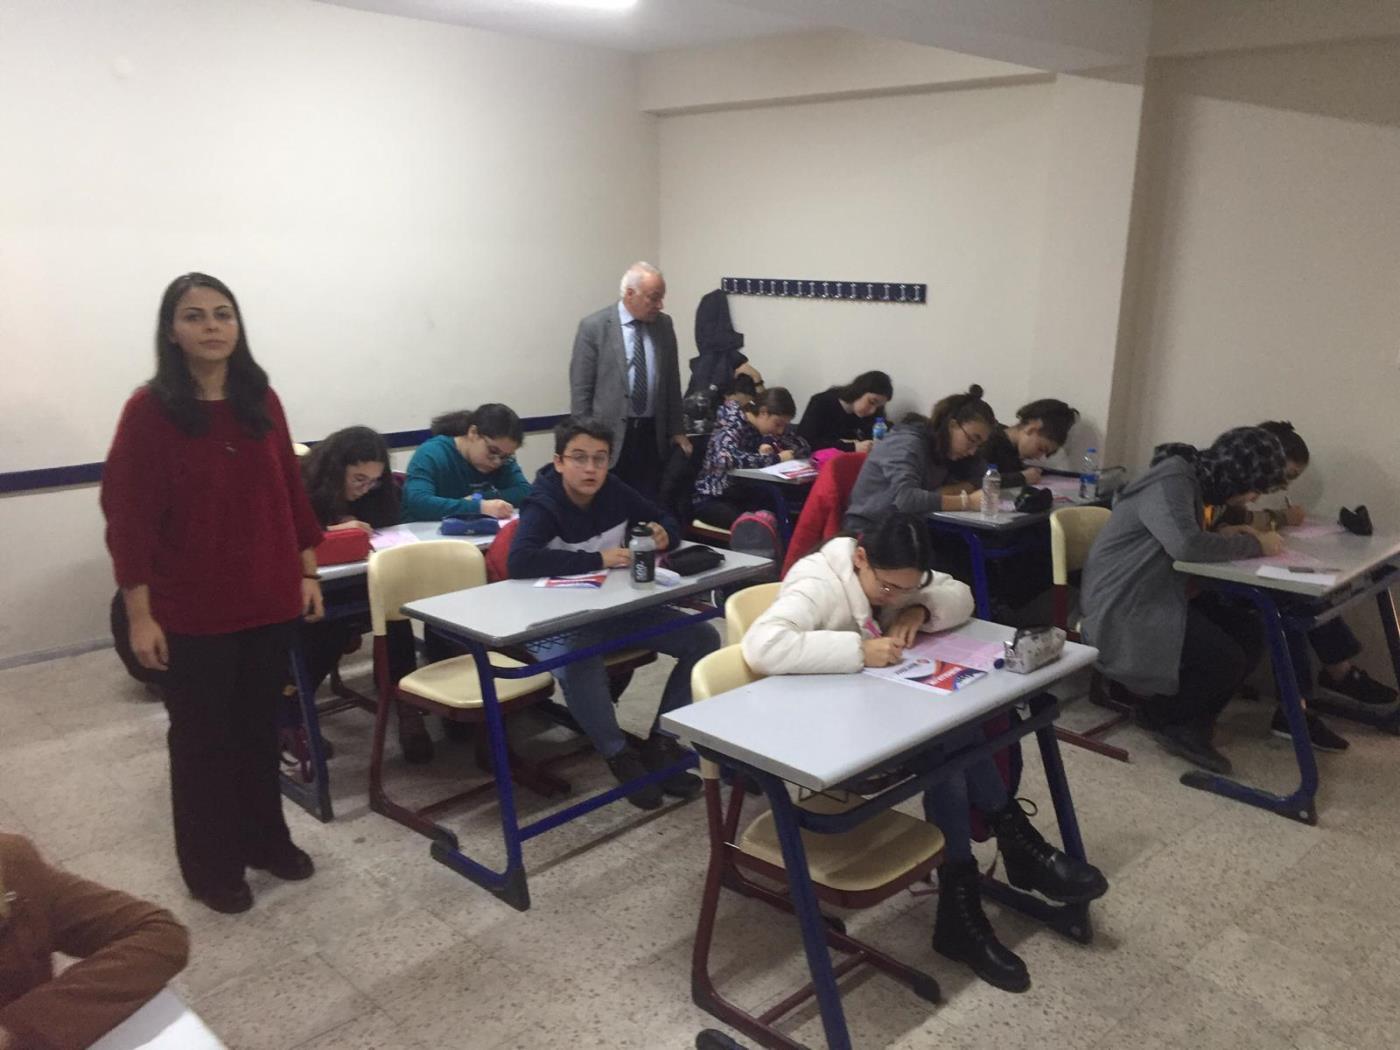 Hedef Lisesi bursluluk sınavına yoğun ilgi